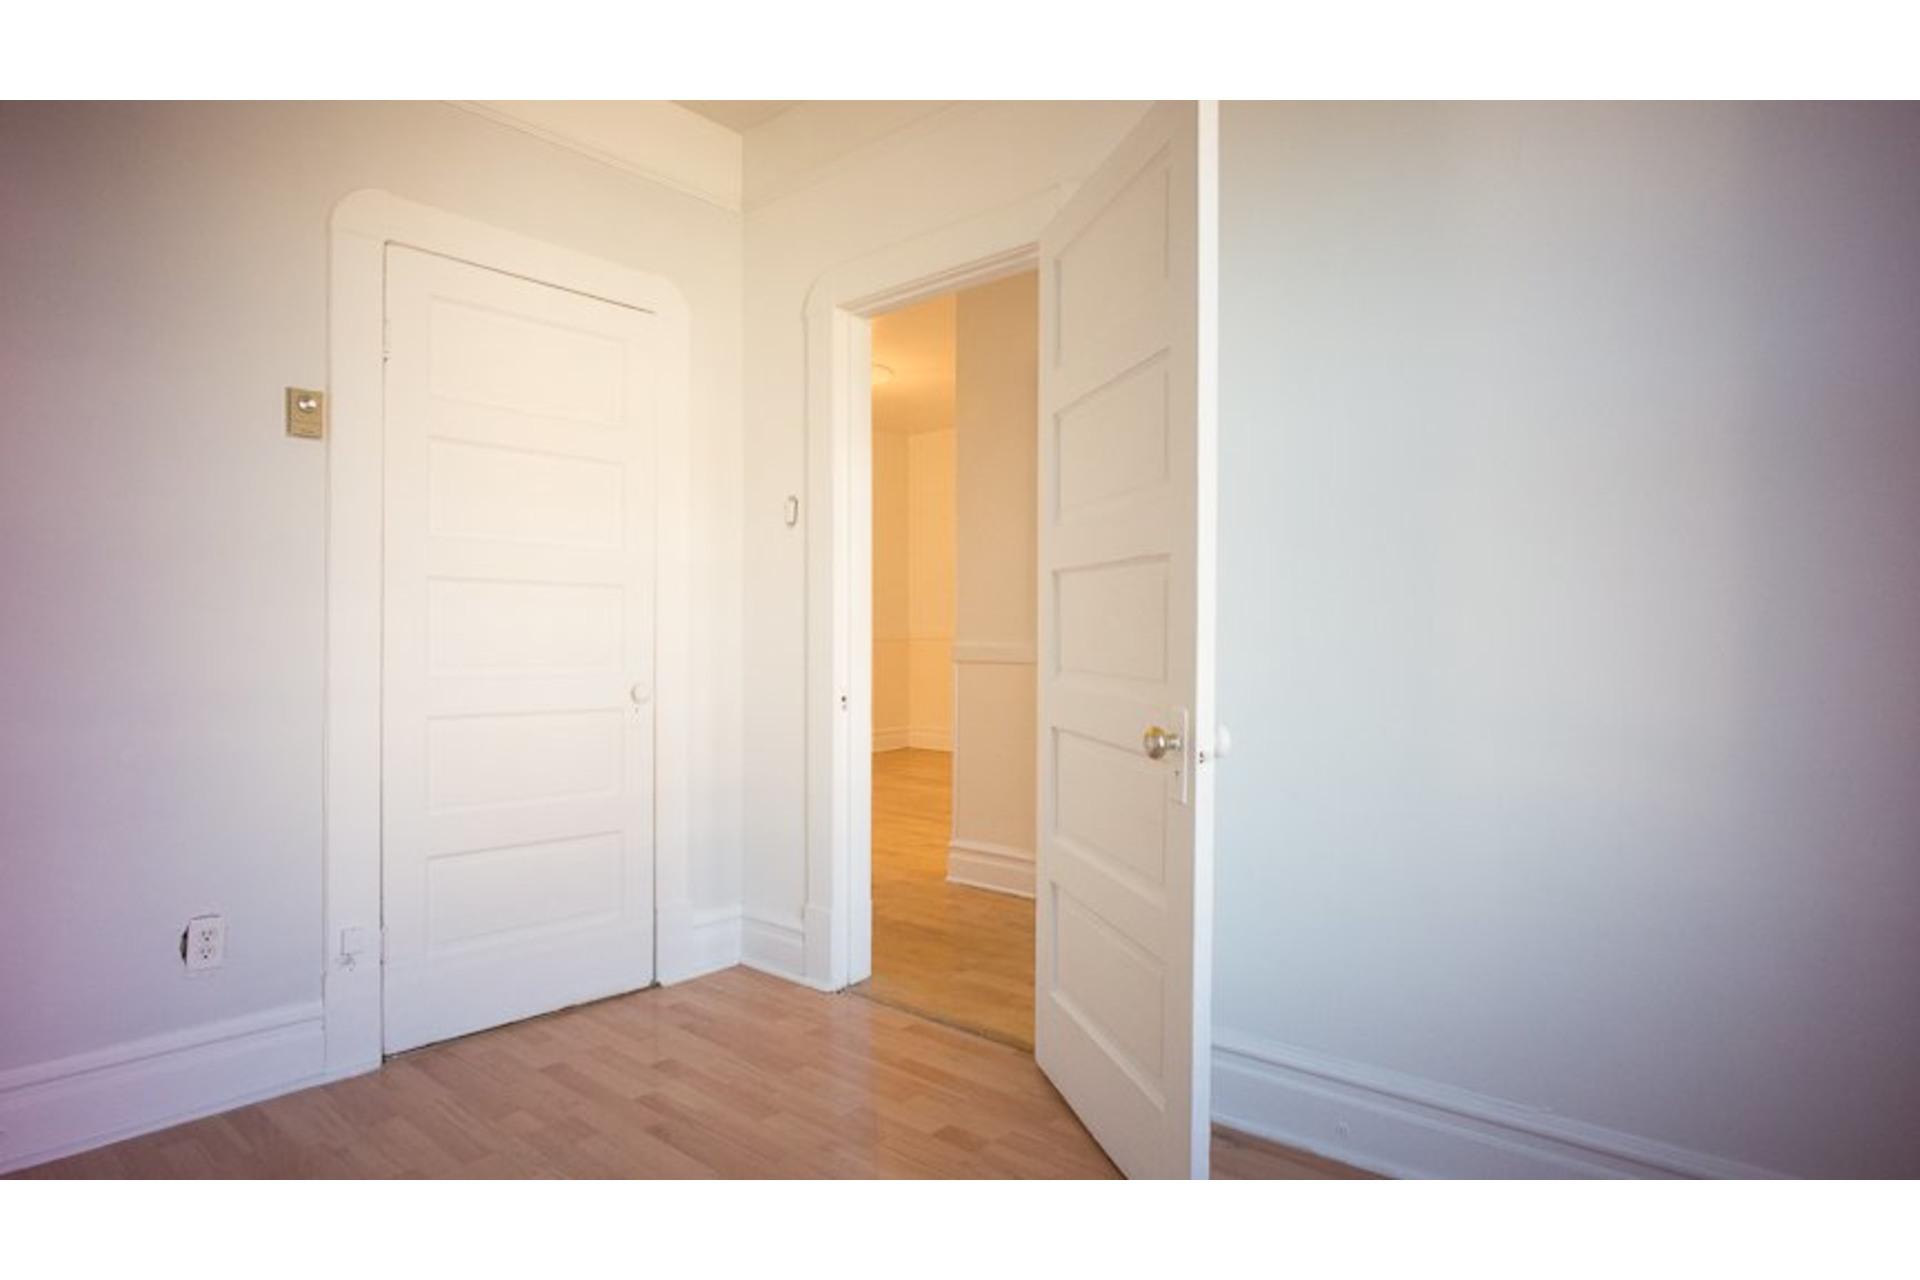 image 24 - Duplex À vendre Lachine Montréal  - 4 pièces